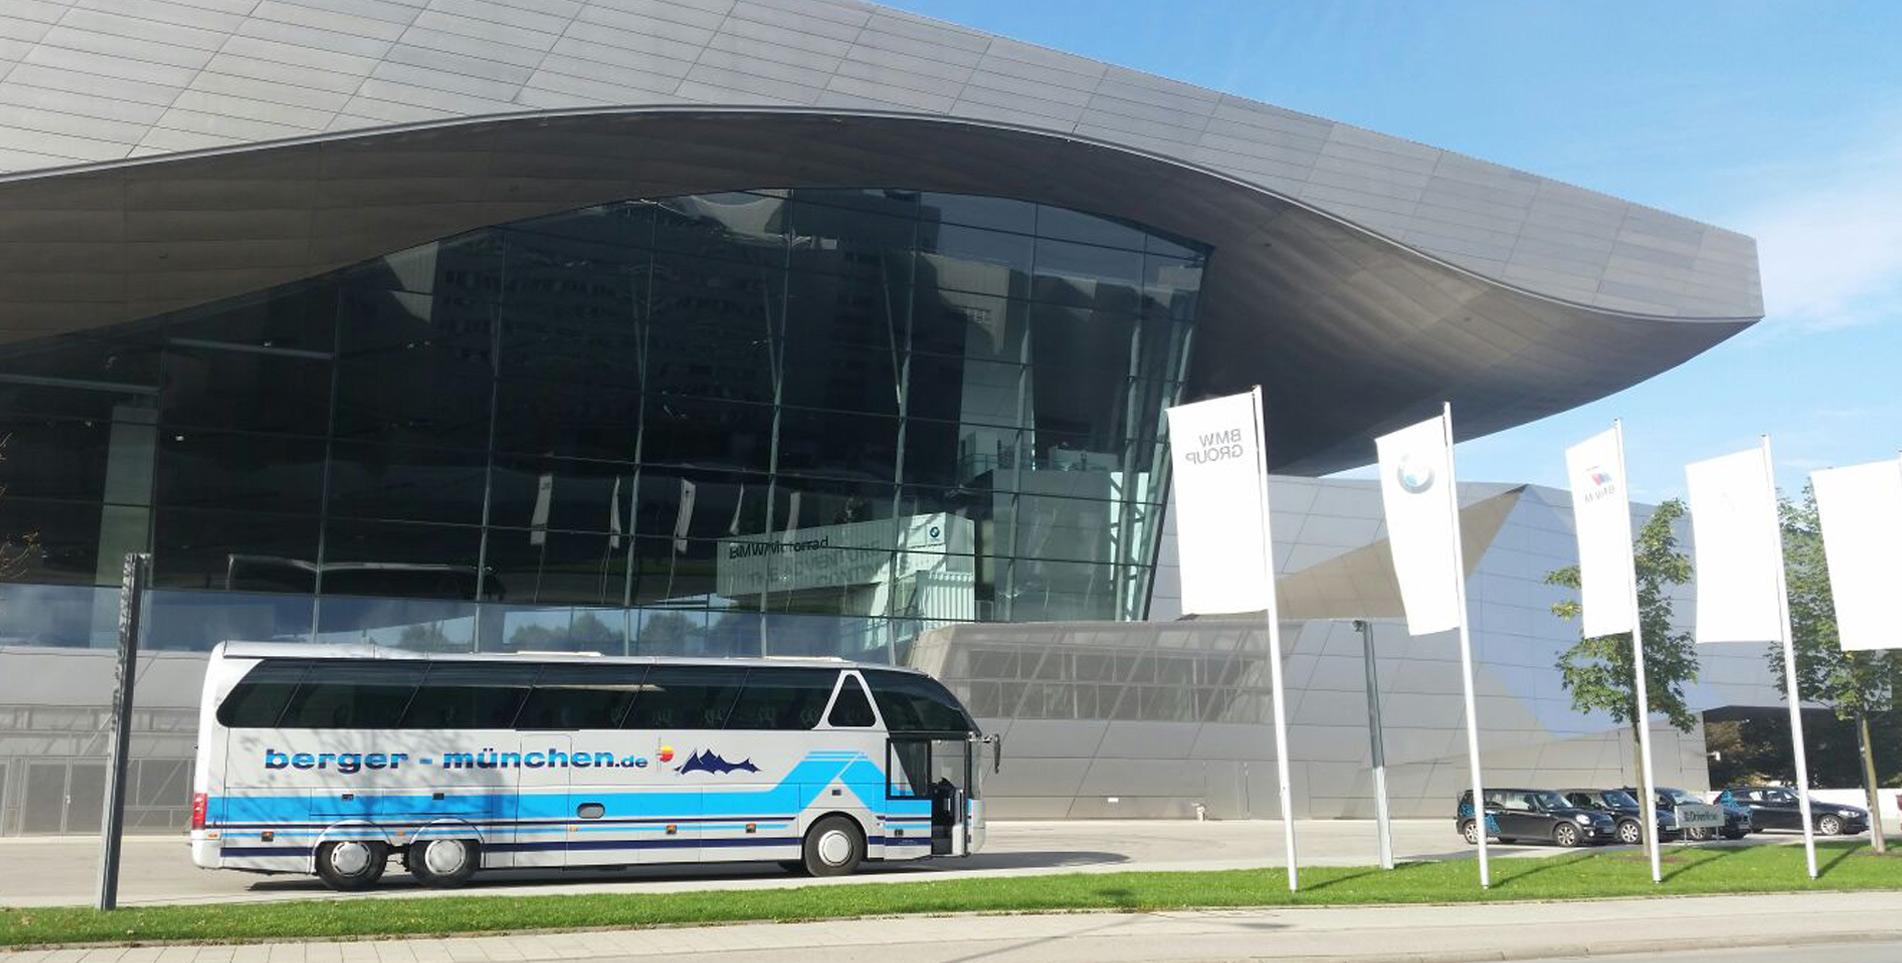 berger's reisen - Omnibus & Touristik - Ihr Busunternehmen in München - Ausflüge, Events, Busanmietung, Shuttleservice und Linienverkehr